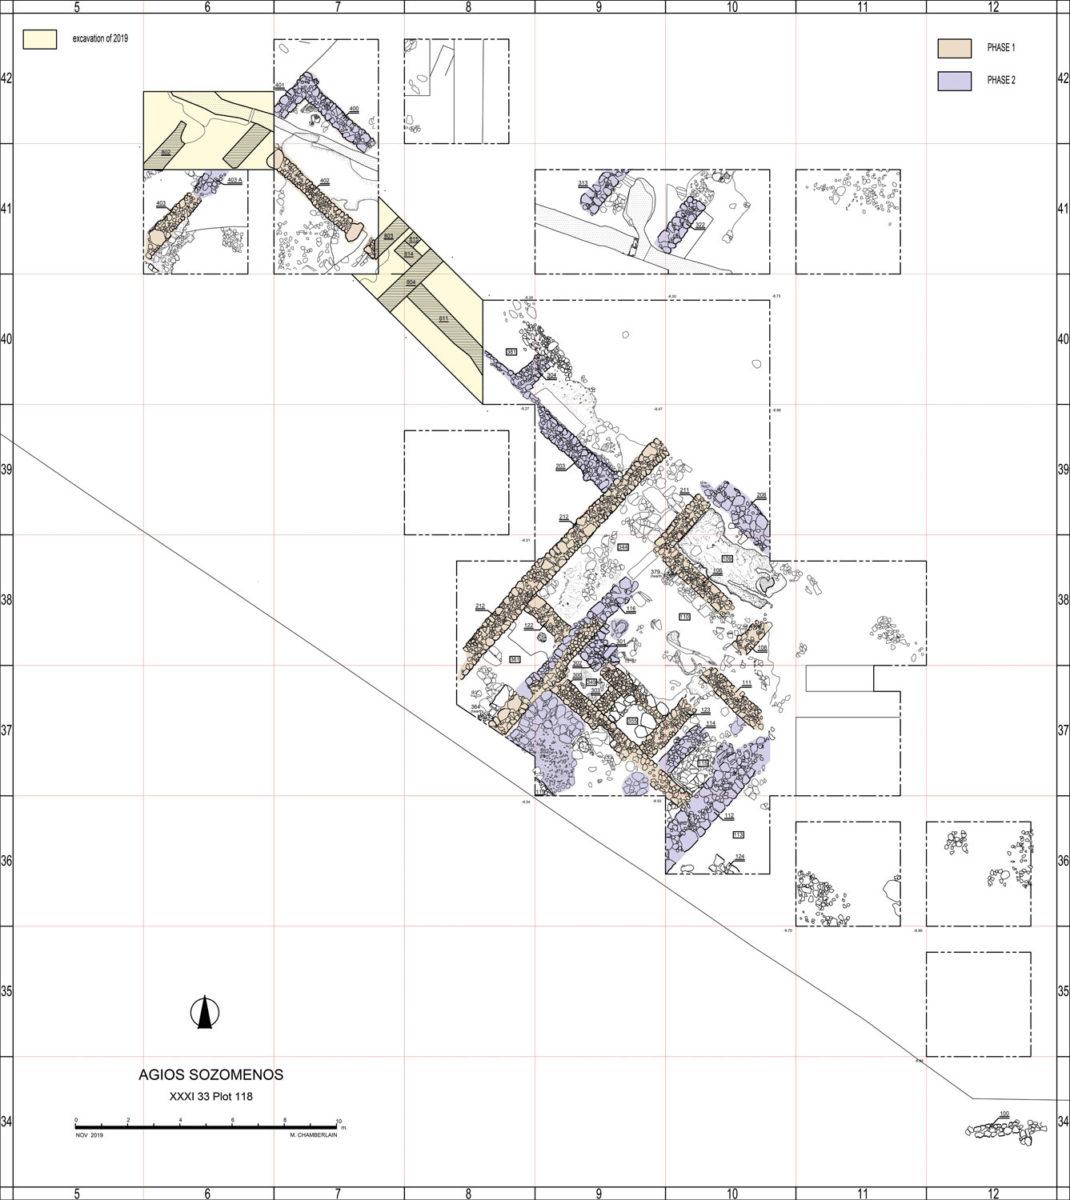 Σχέδιο της ανασκαφής στον Άγιο Σωζόμενο (φωτ.: Τμήμα Αρχαιοτήτων Κύπρου).